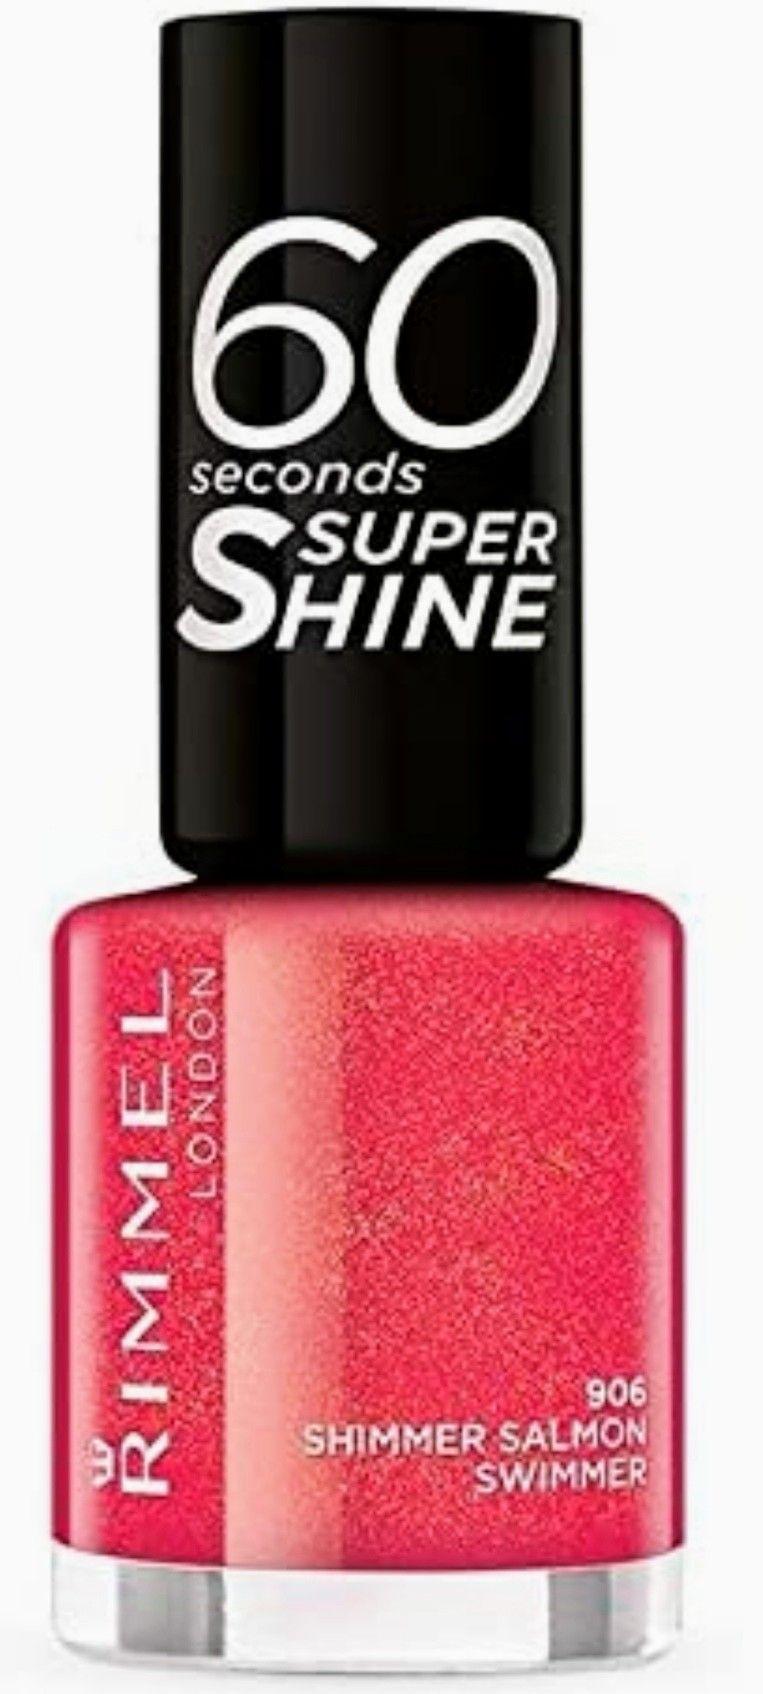 Rimmel 60 Seconds Super Shine esmalte color 906 Shimmer Salmon Swimmer